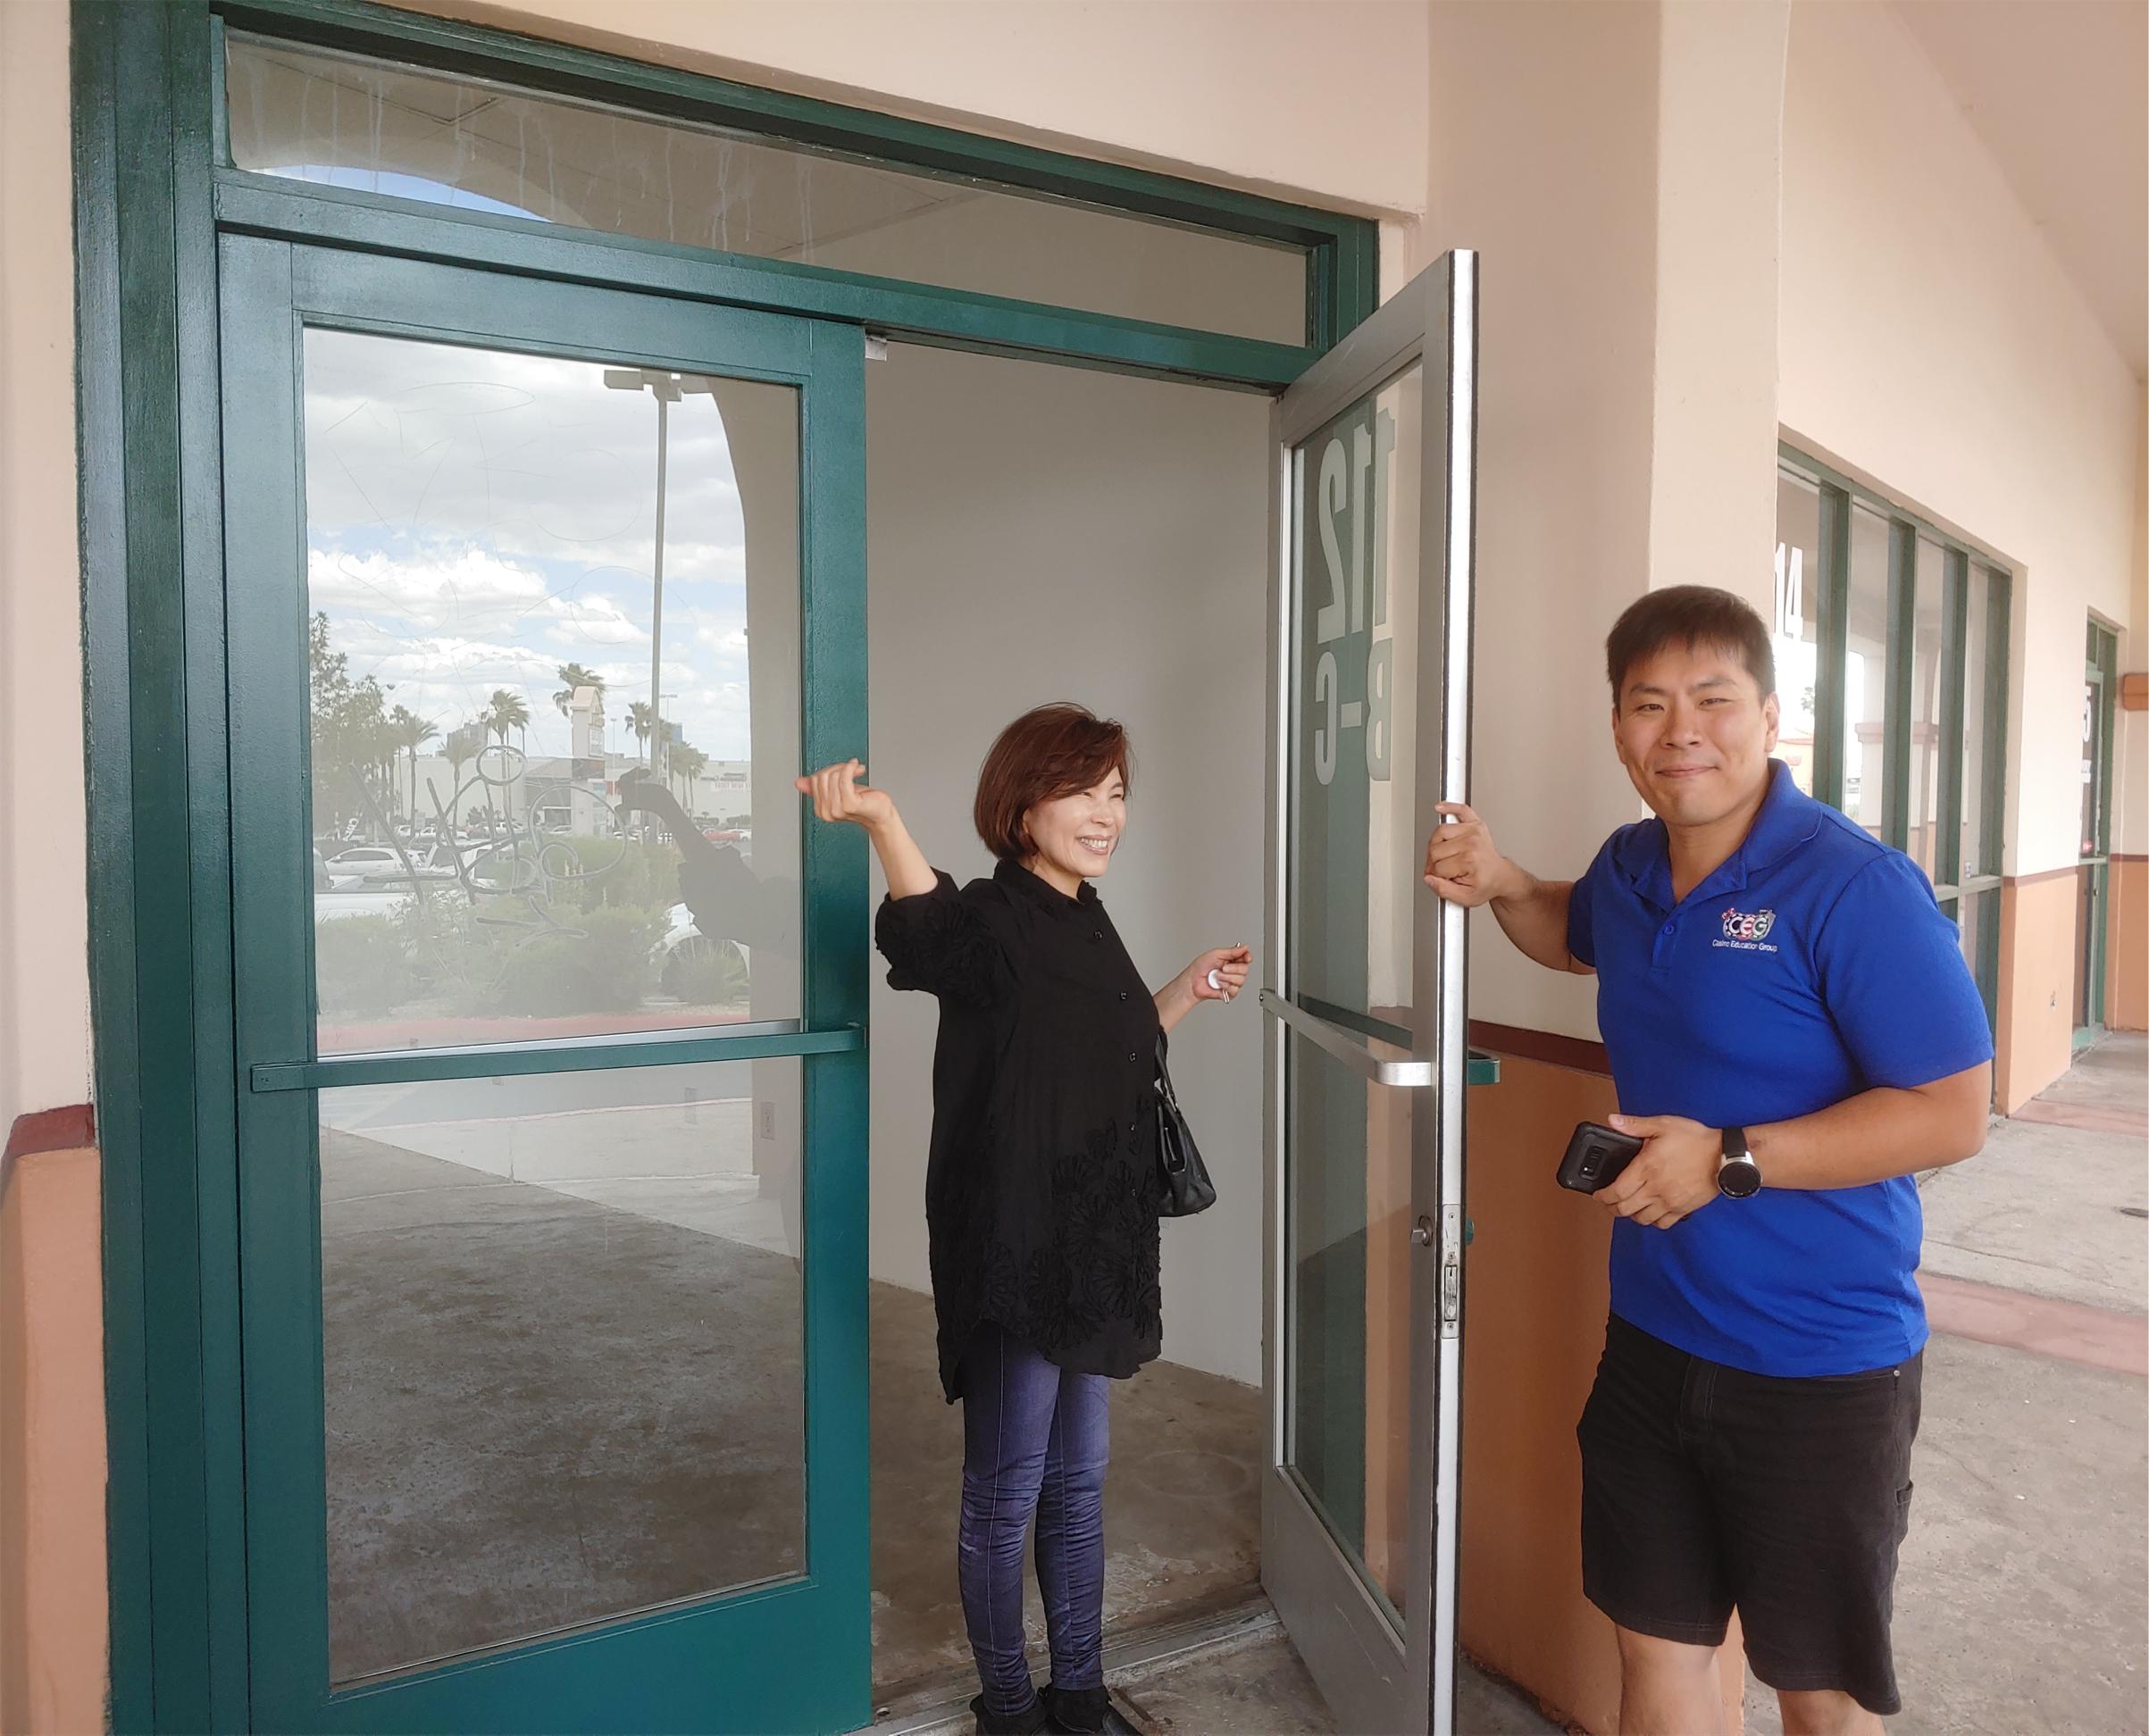 CEG Dealer School New Double Doors